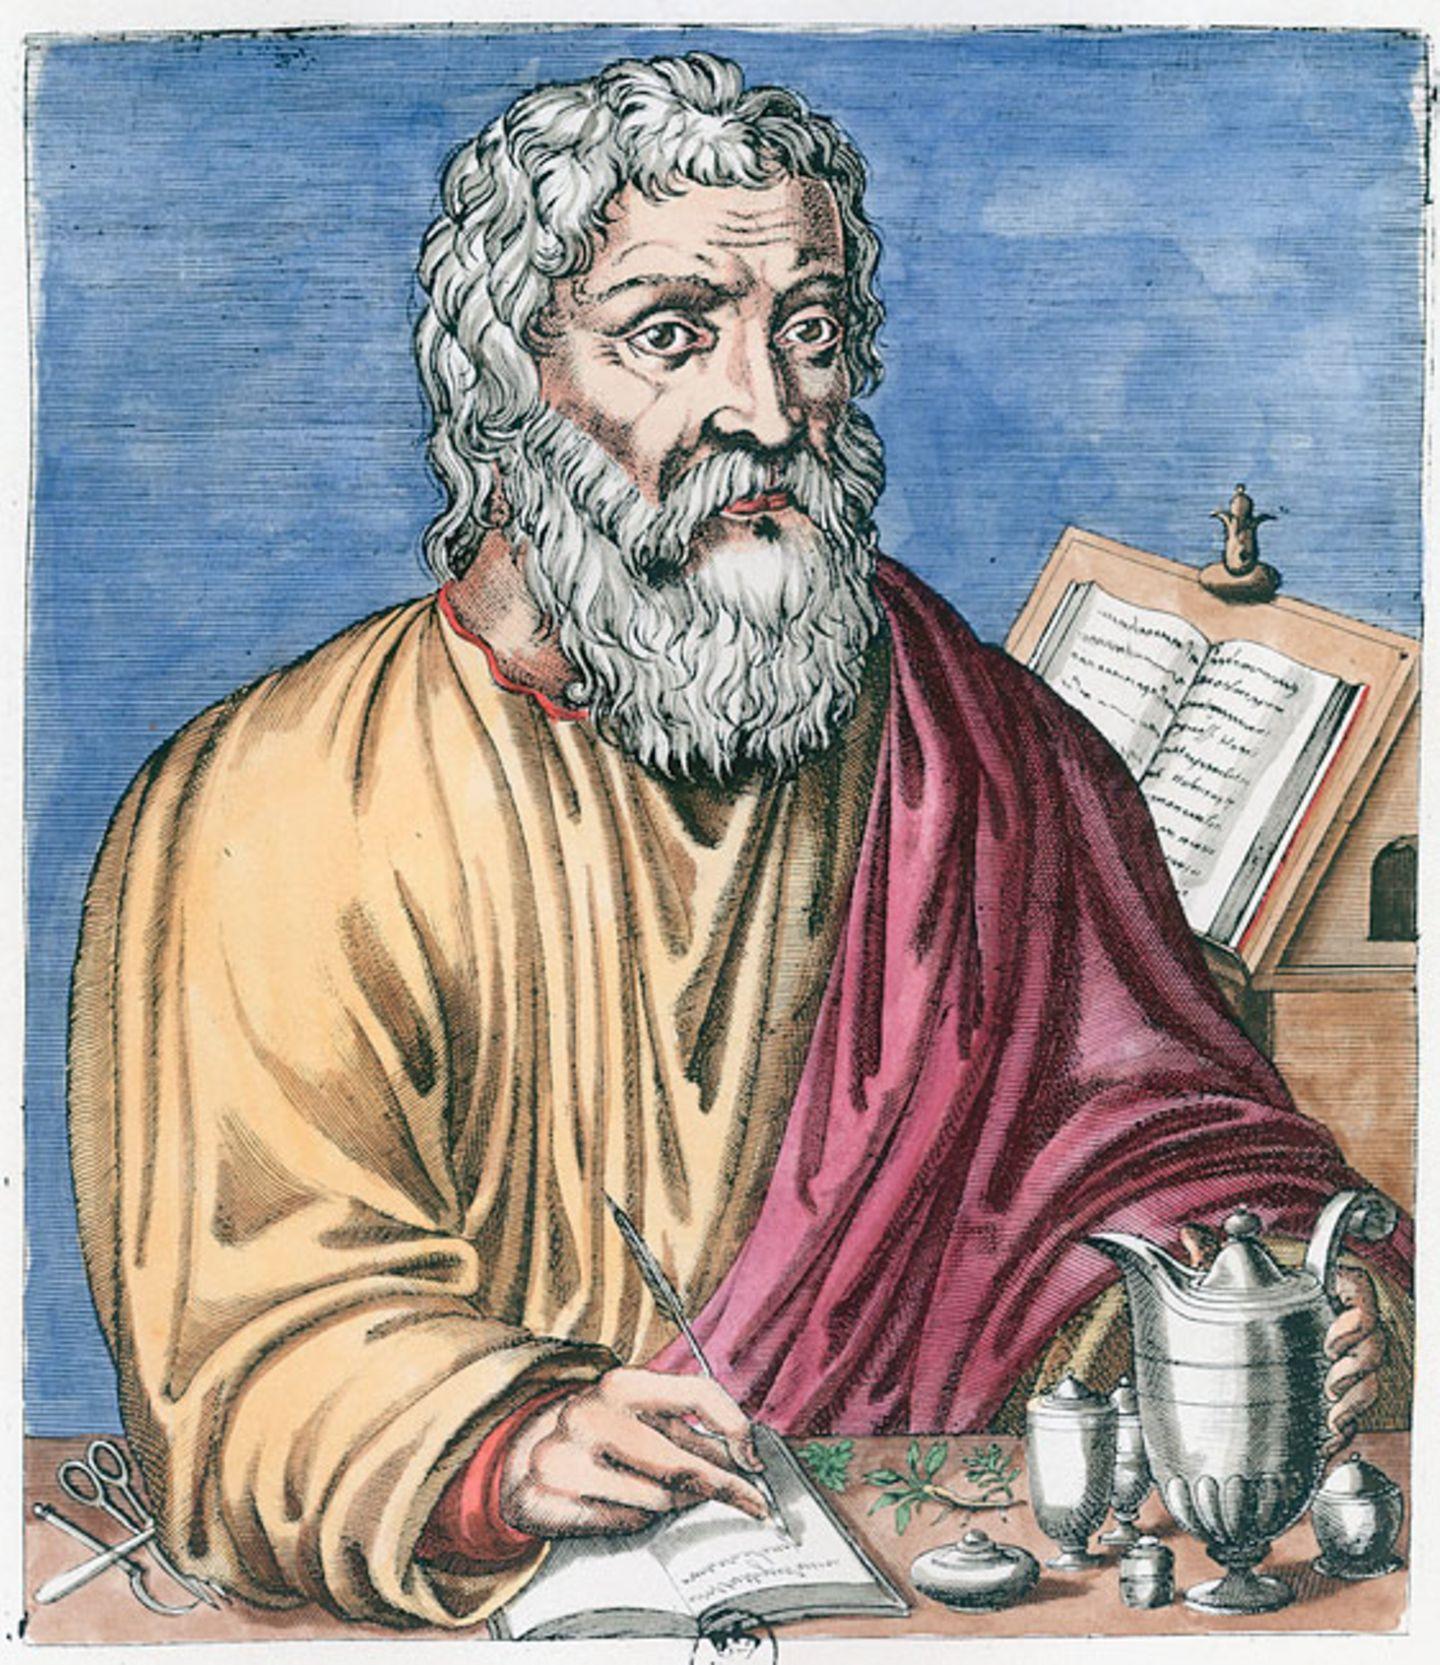 """Weltveränderer: Der griechische Arzt Hippokrates von Kos entwarf die so genannte Viersäftelehre. Man nennt ihn deshalb auch den """"Vater der Heilkunde"""""""